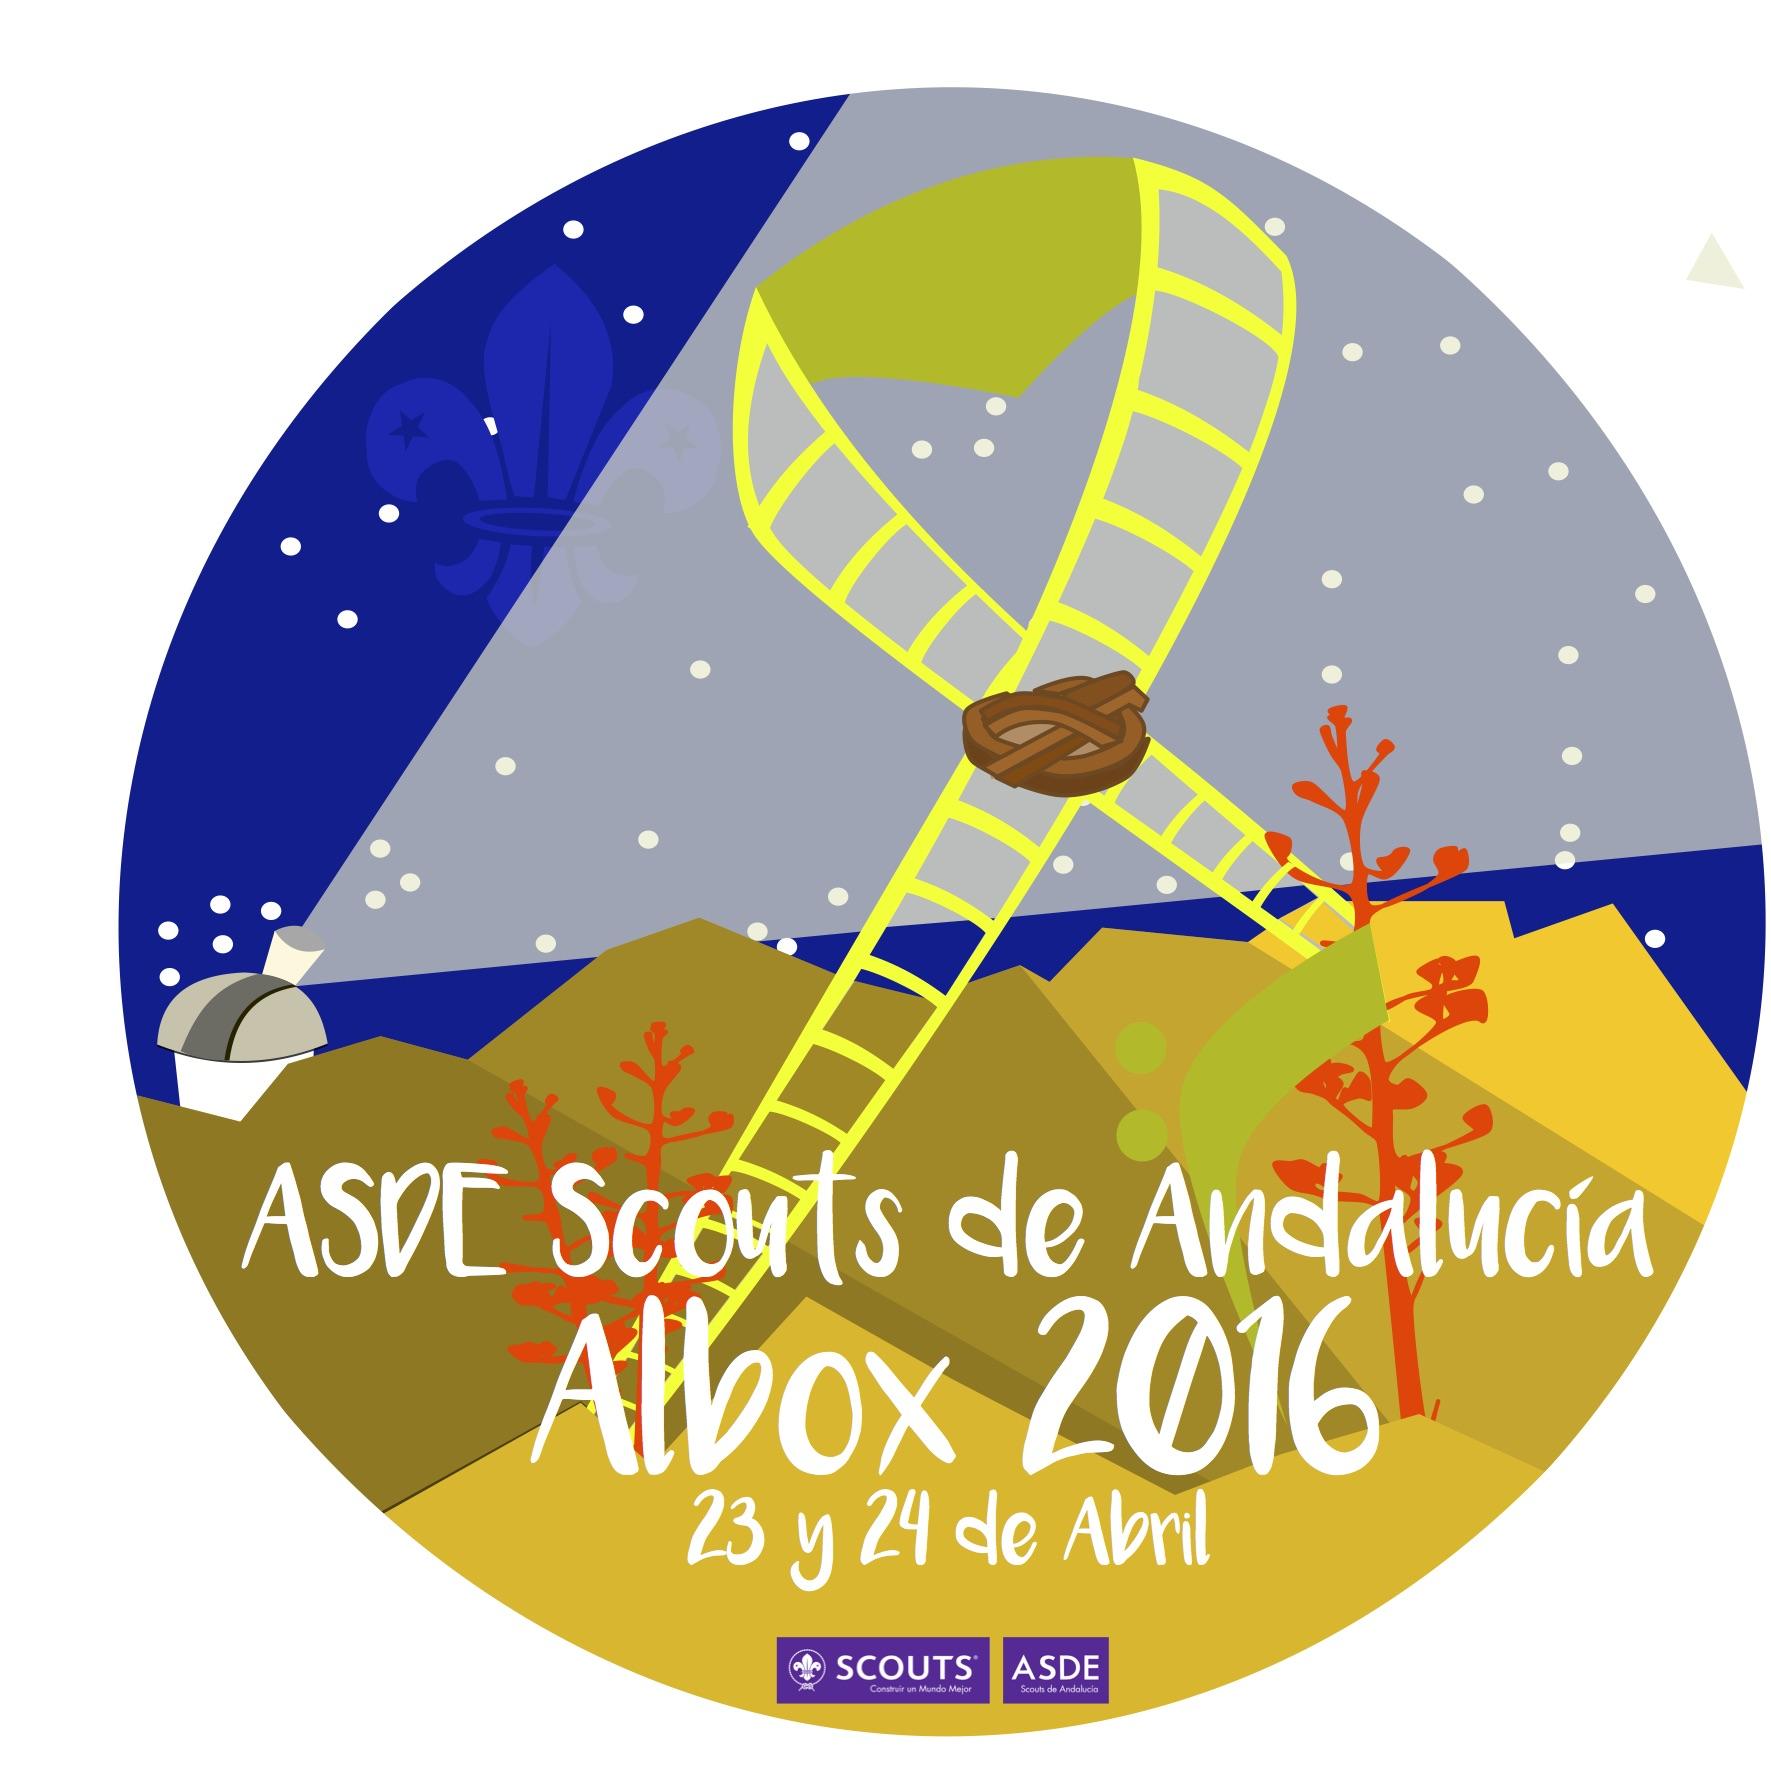 Festival de Andalucía 2016